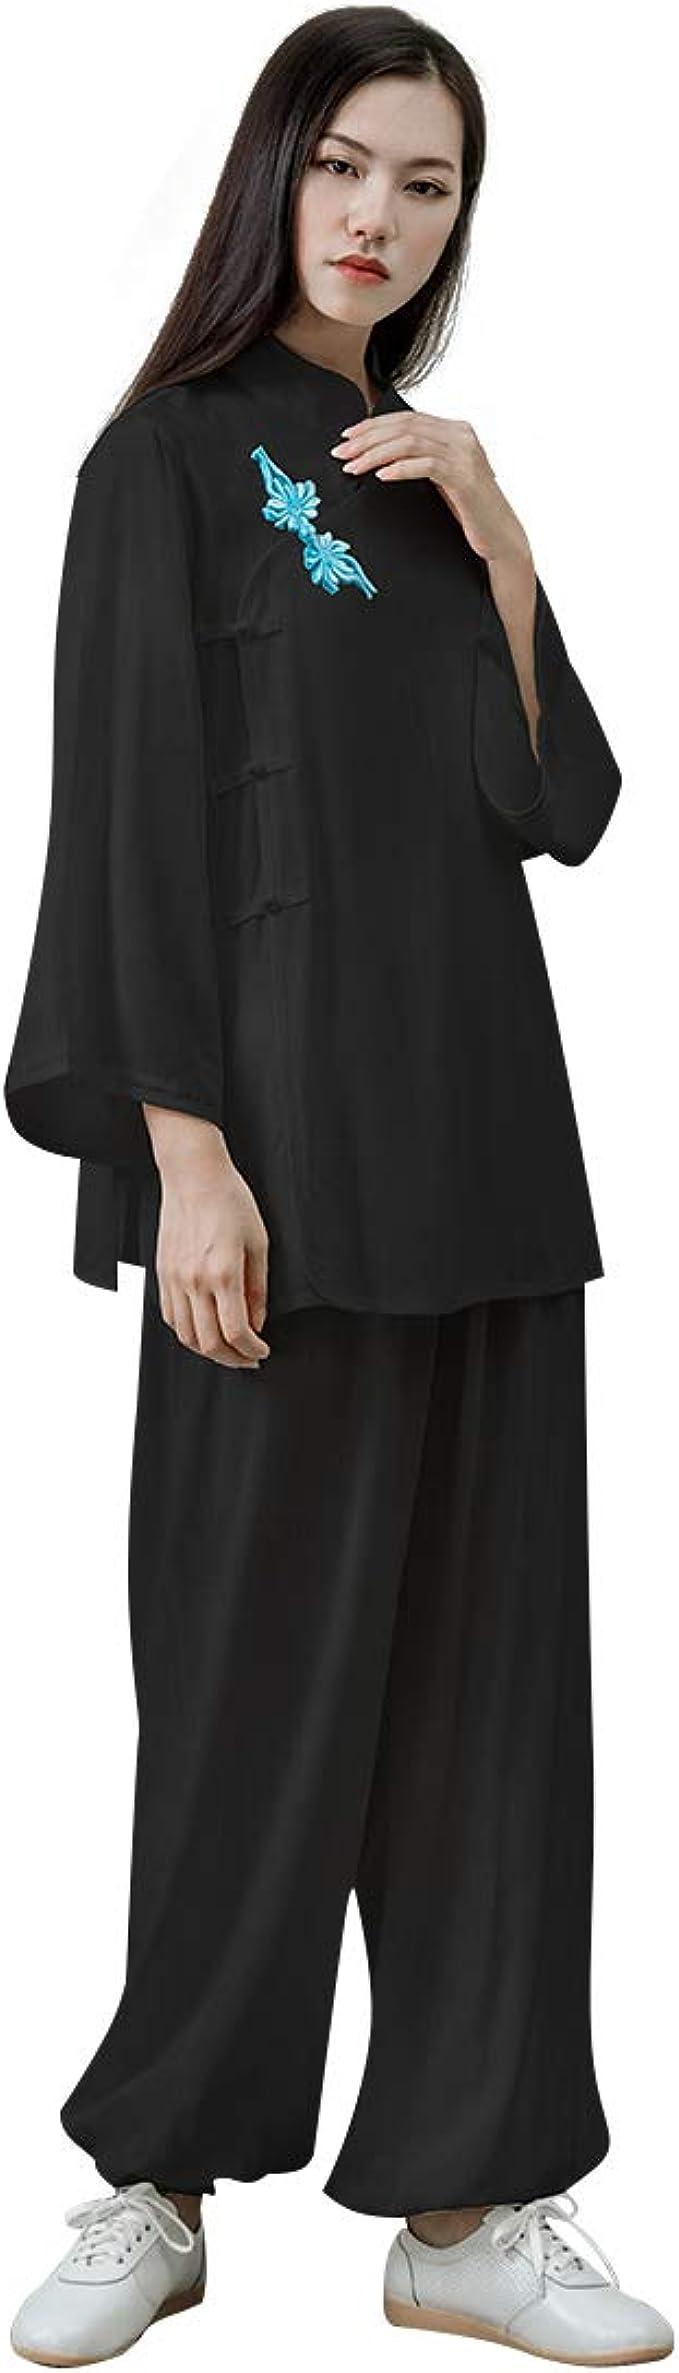 Amazon.com: KSUA - Traje de algodón para mujer con diseño de ...